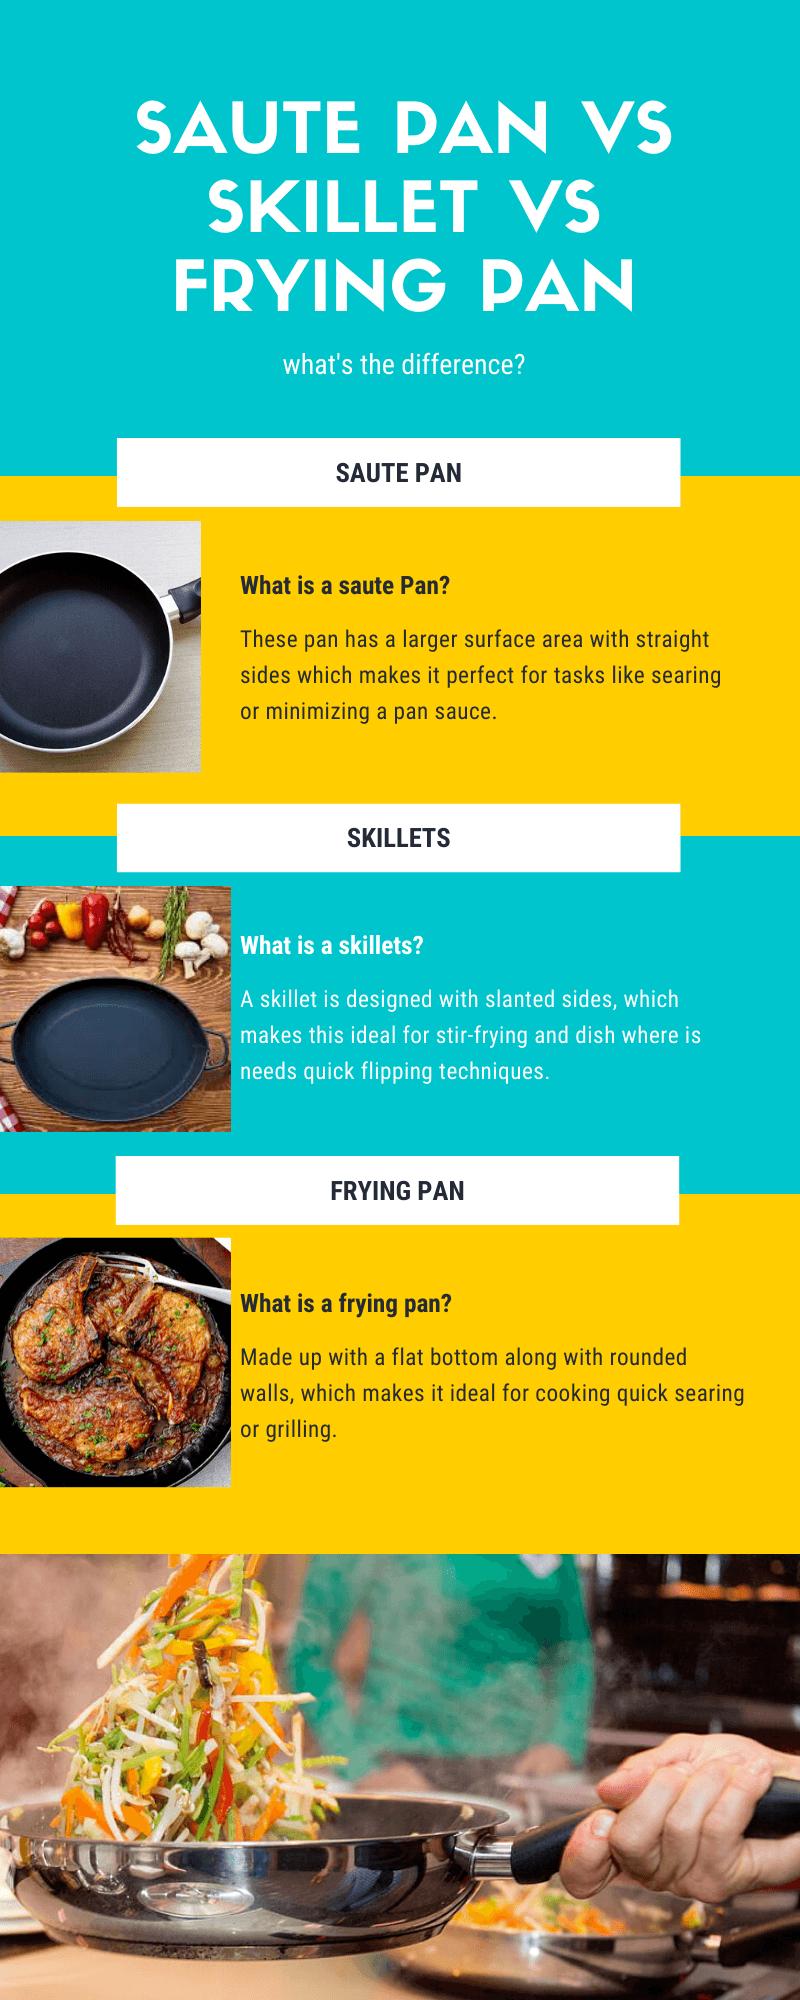 skillet vs saute pan vs frying pan